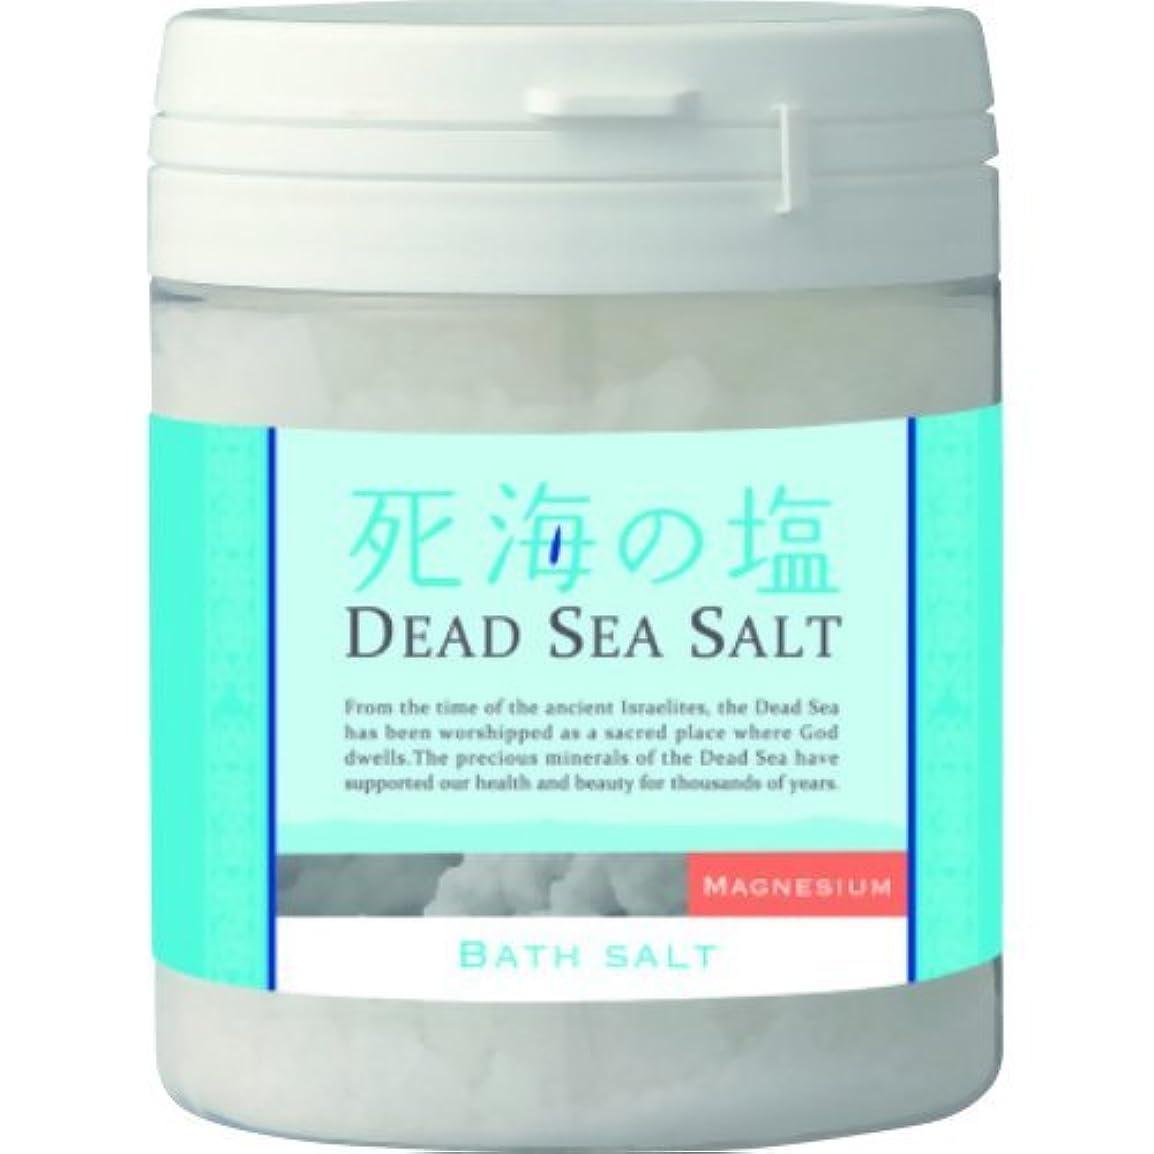 死海の塩マグネシウム180gPET